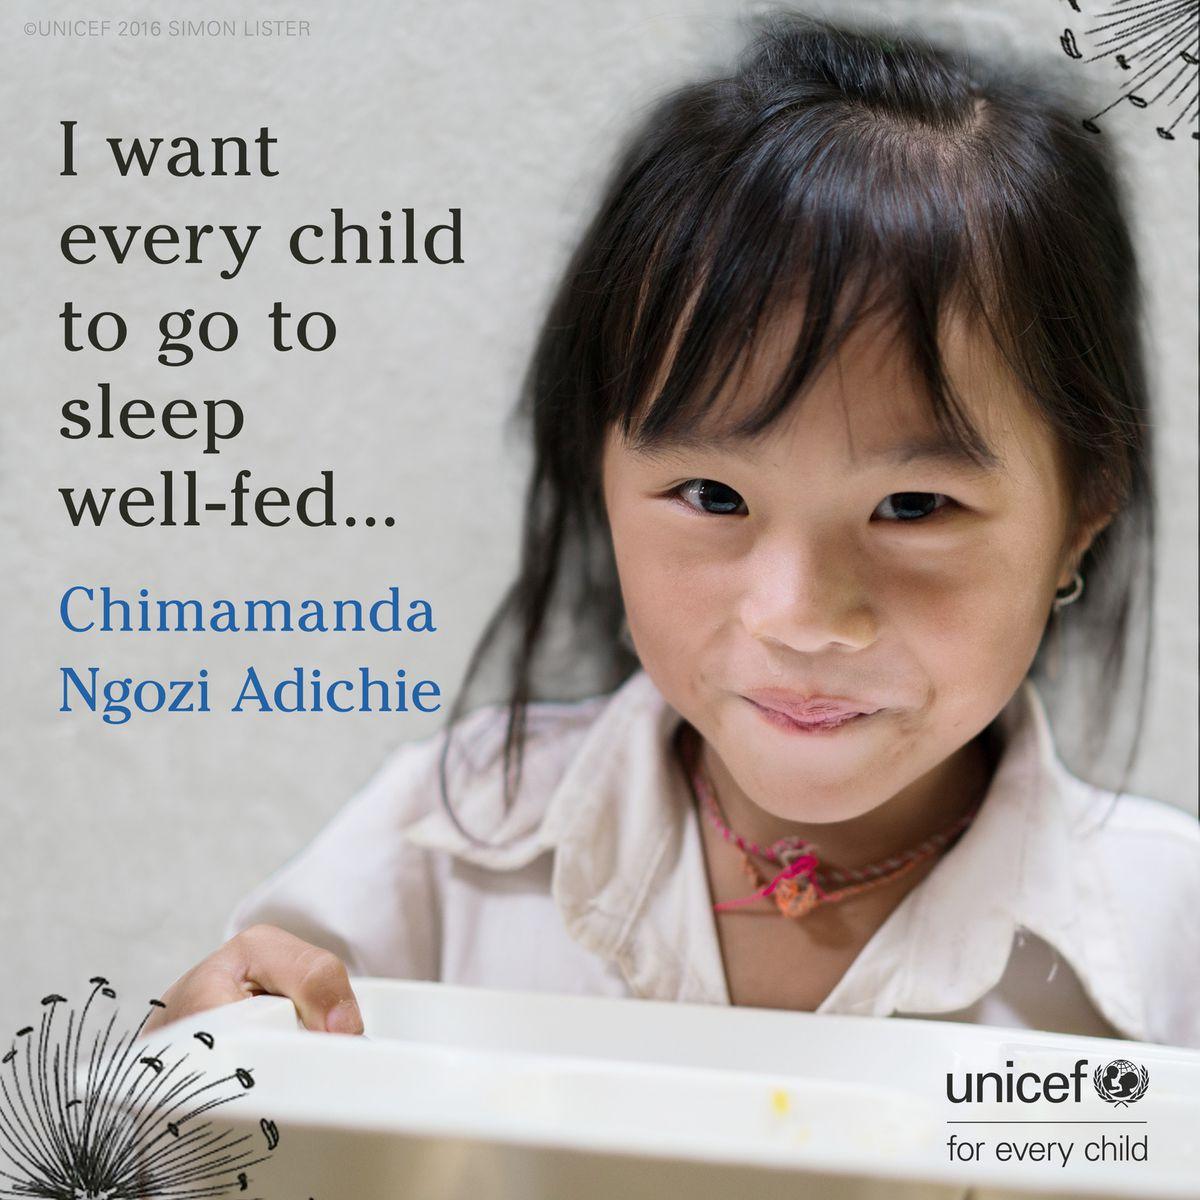 Chimamanda Adichie's tiny story